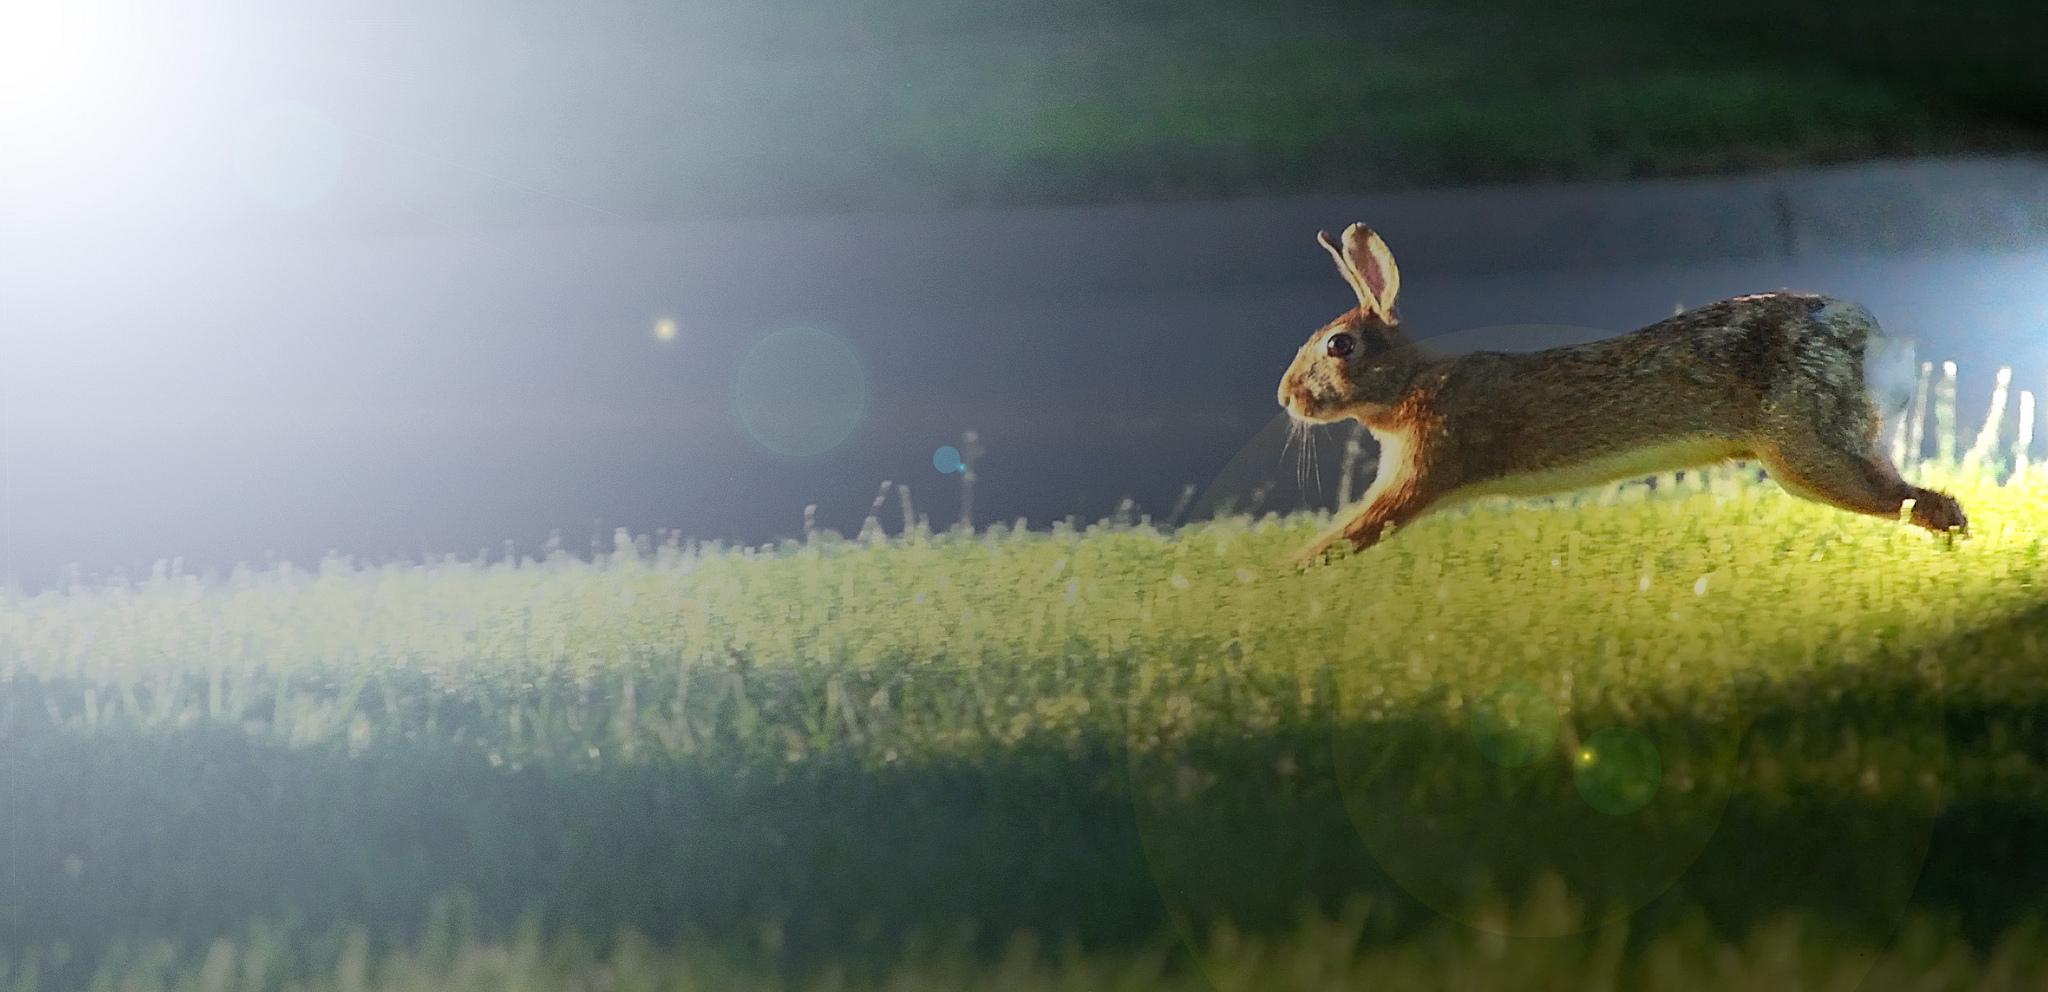 ya tavşan kaçarsa